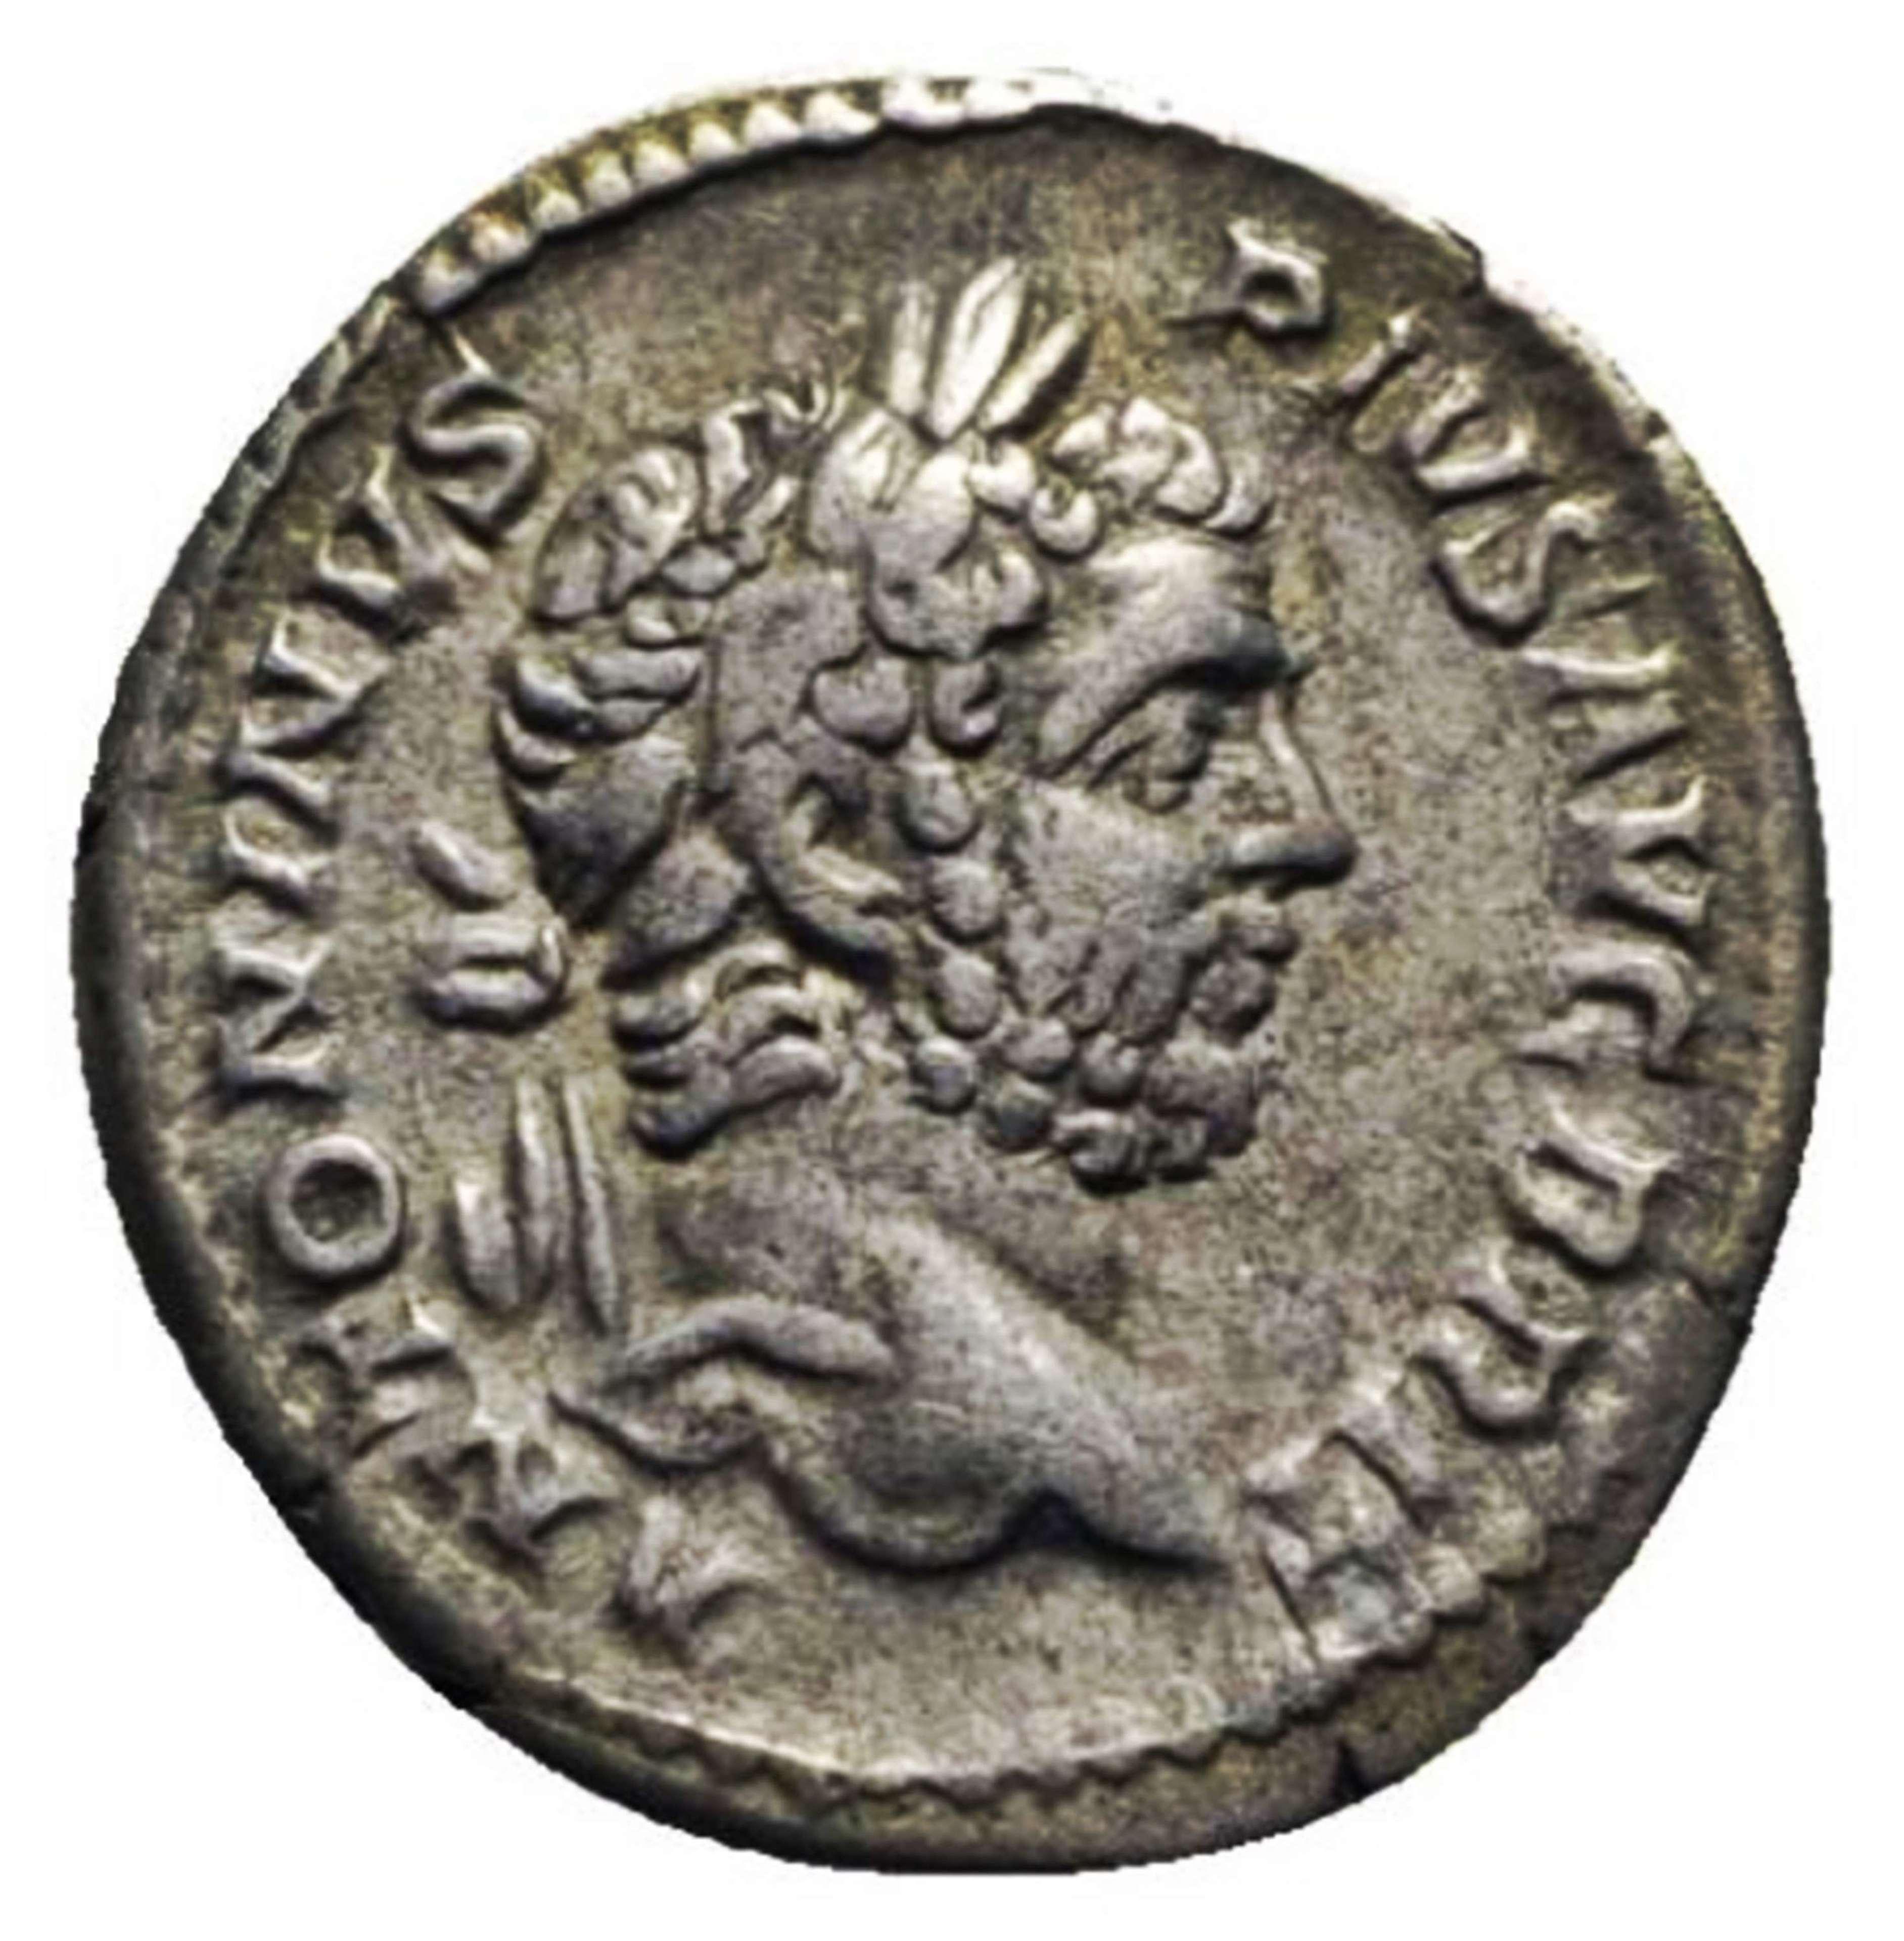 Ancient Roman silver denarius of Caracalla / Concordia